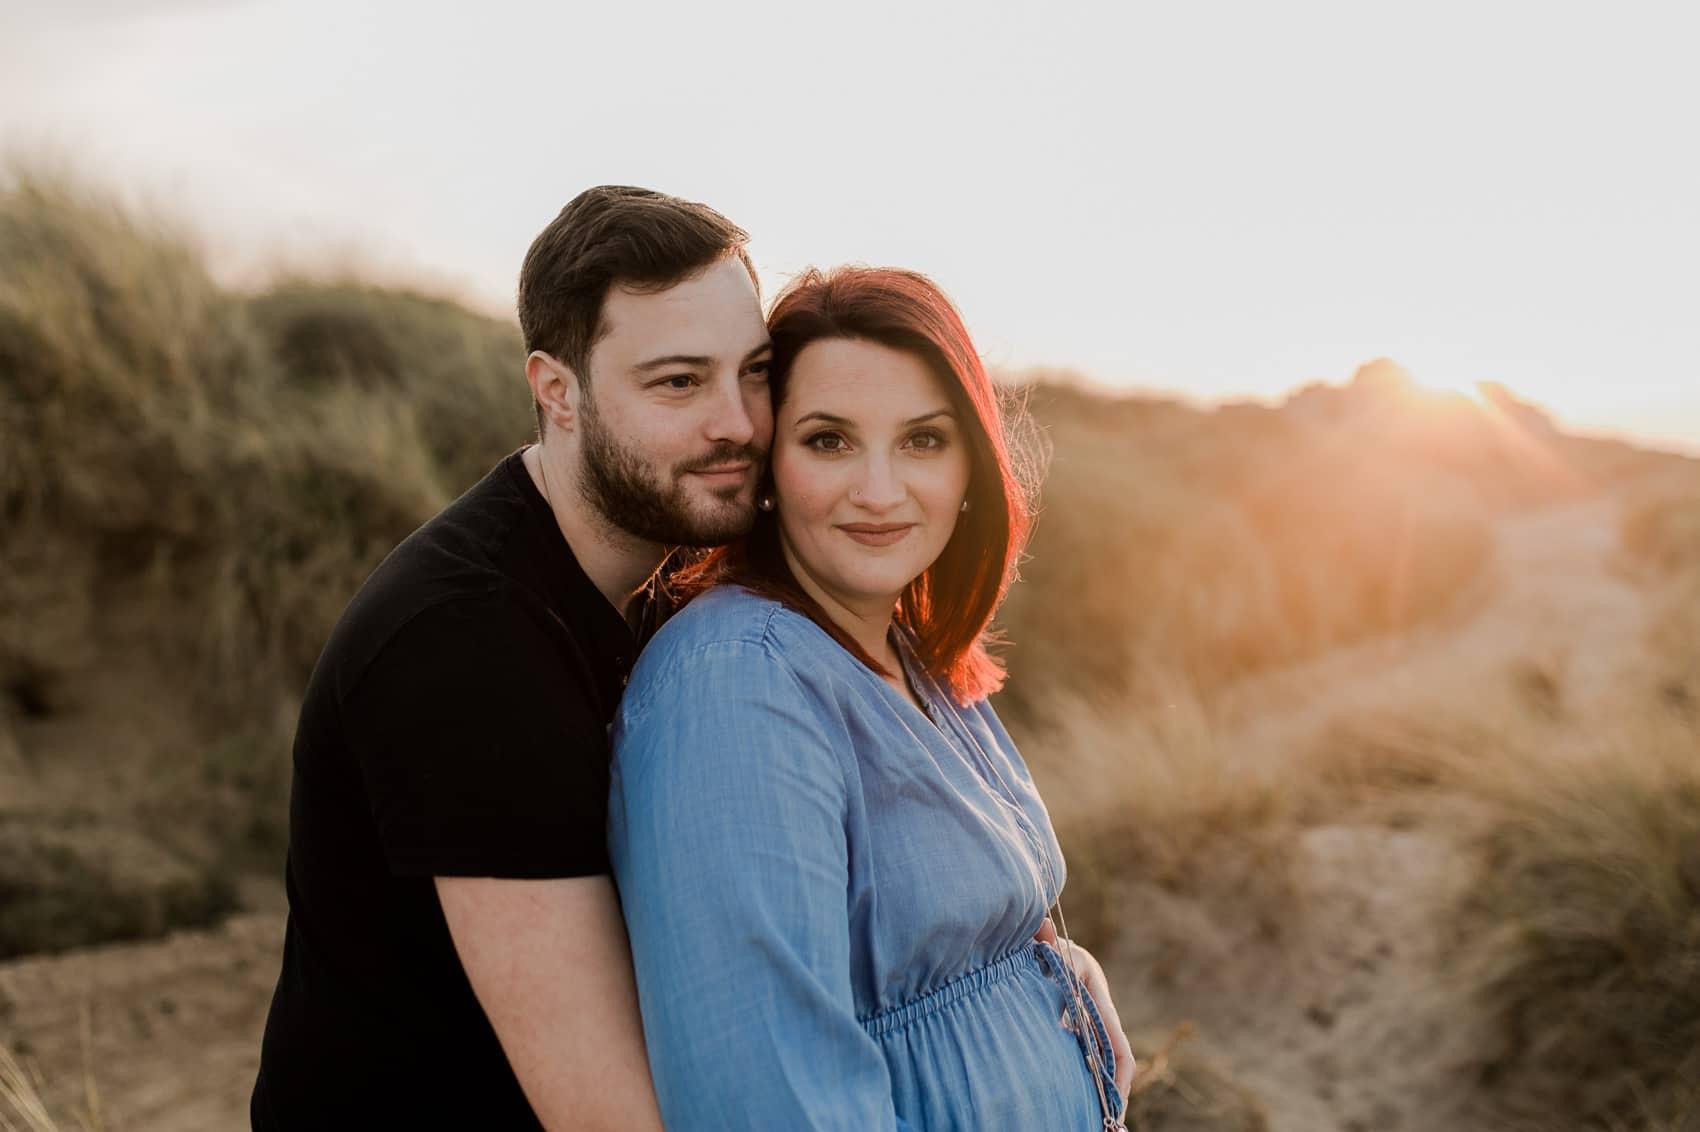 photographe grossesse maternité enceinte ventre rond calvados normandie